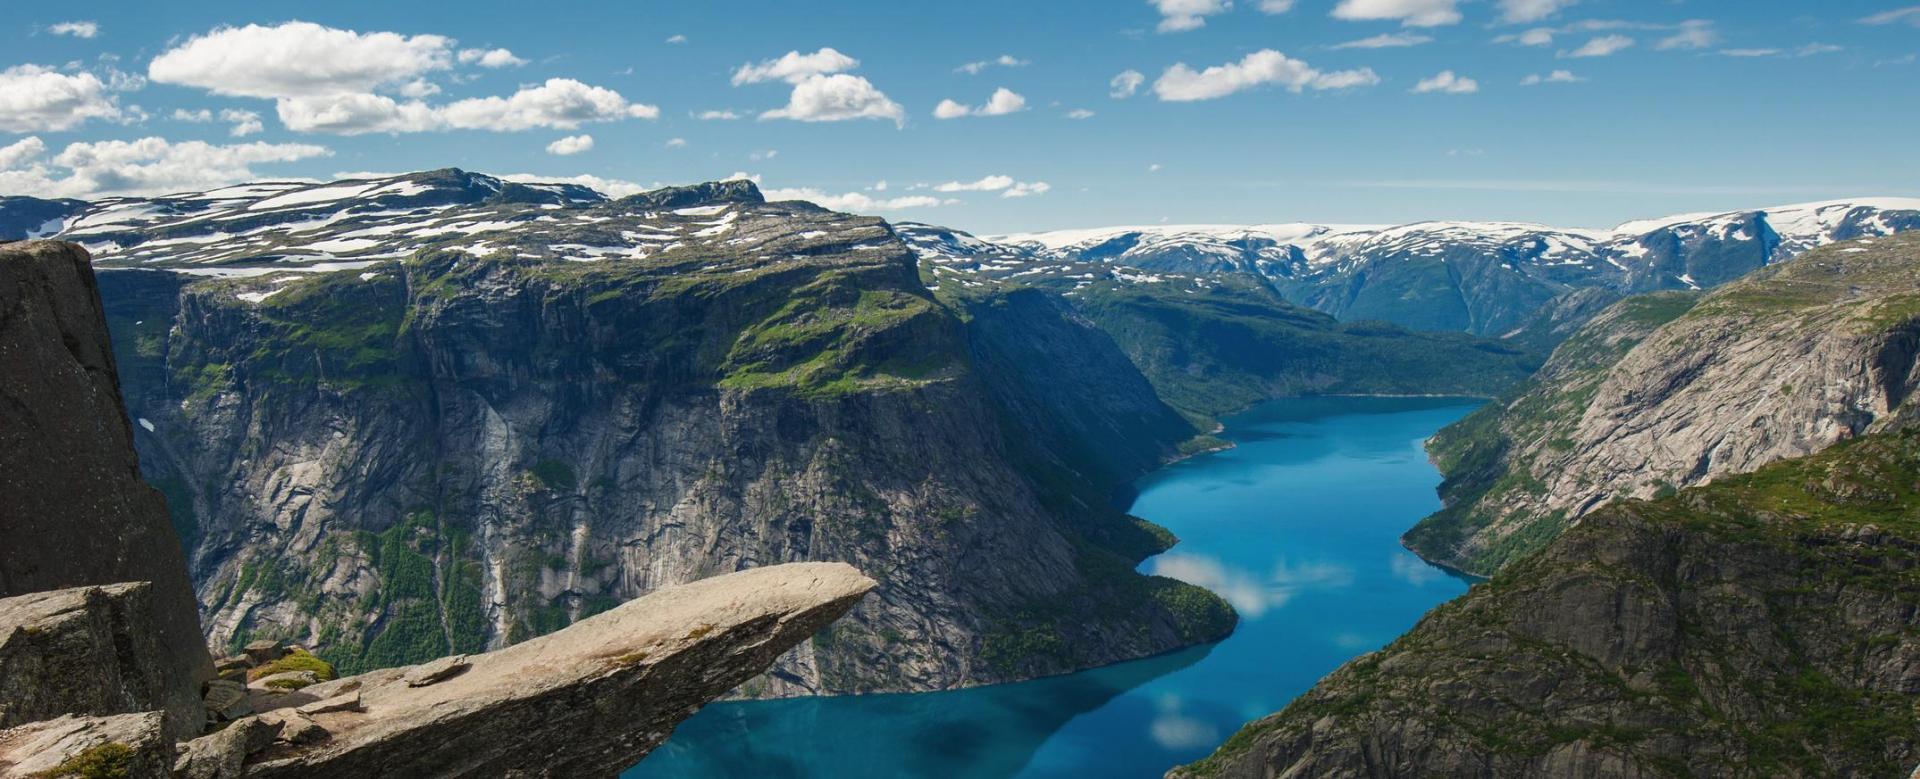 Croisière dans les fjords de Norvège: un rêve qui devient enfin réalité?